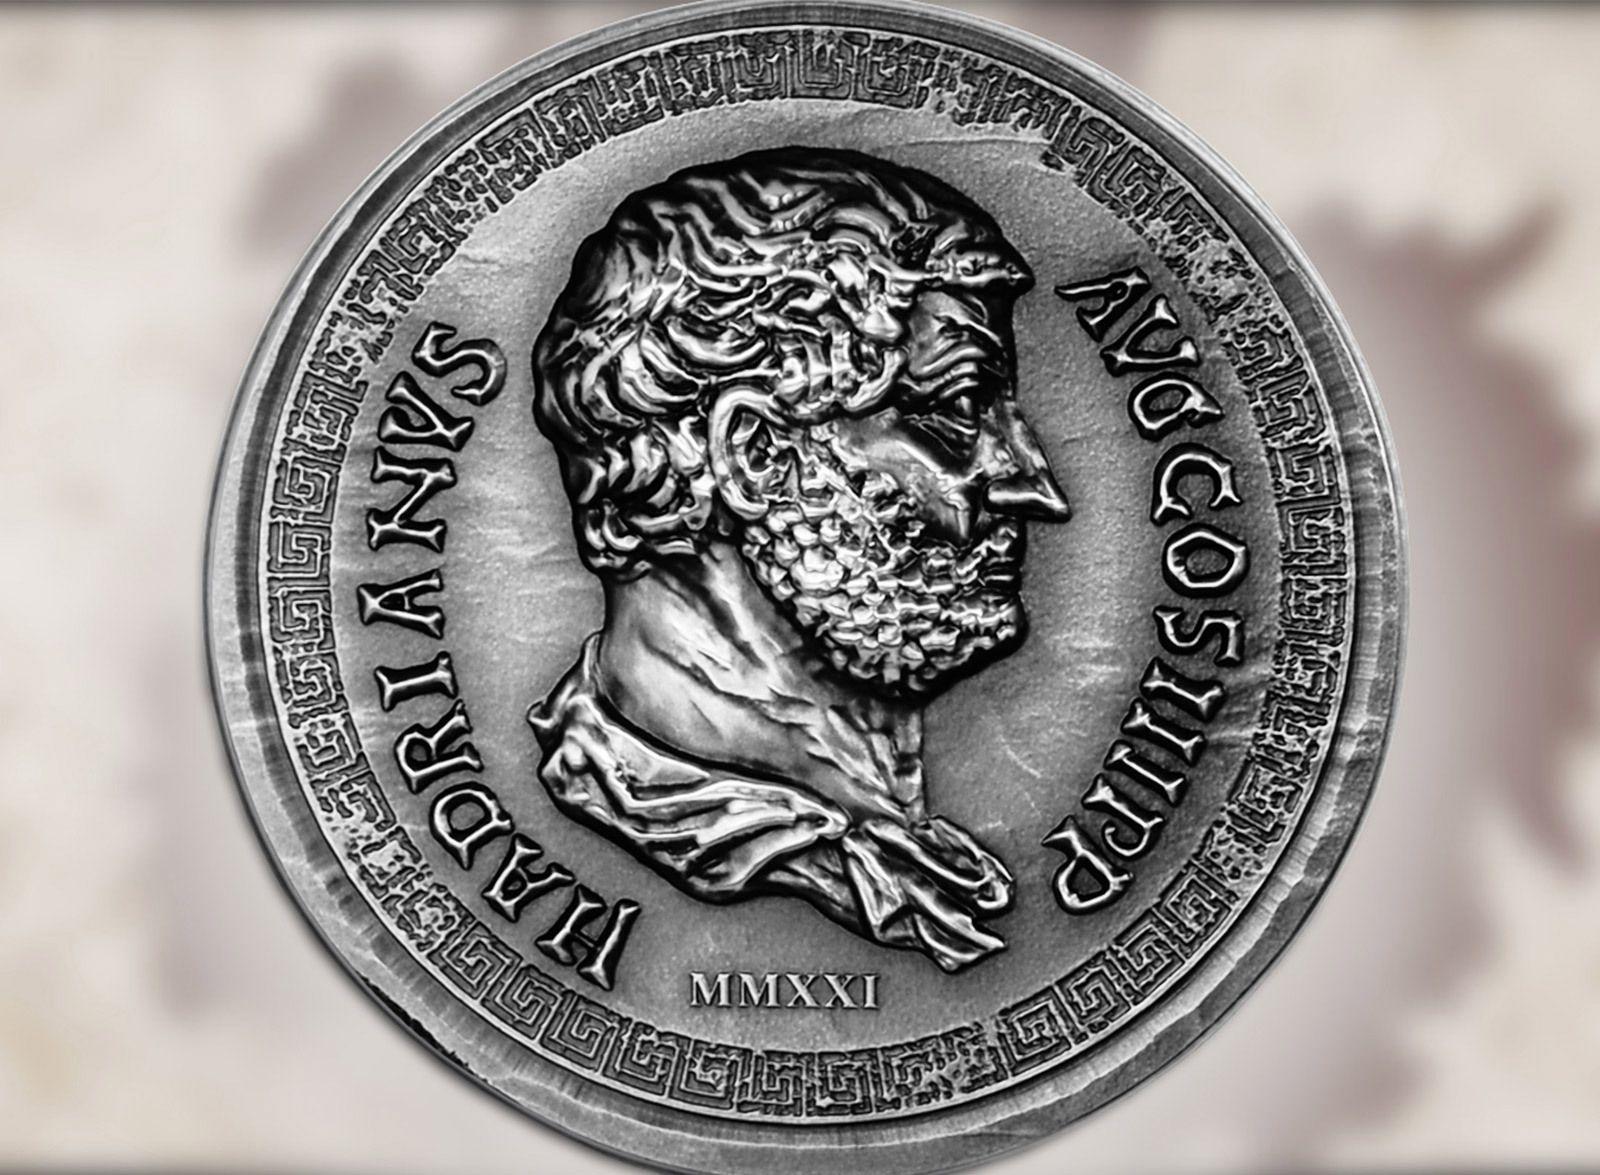 2021 Roman Empire Series Hadrian 1oz Silver Coin